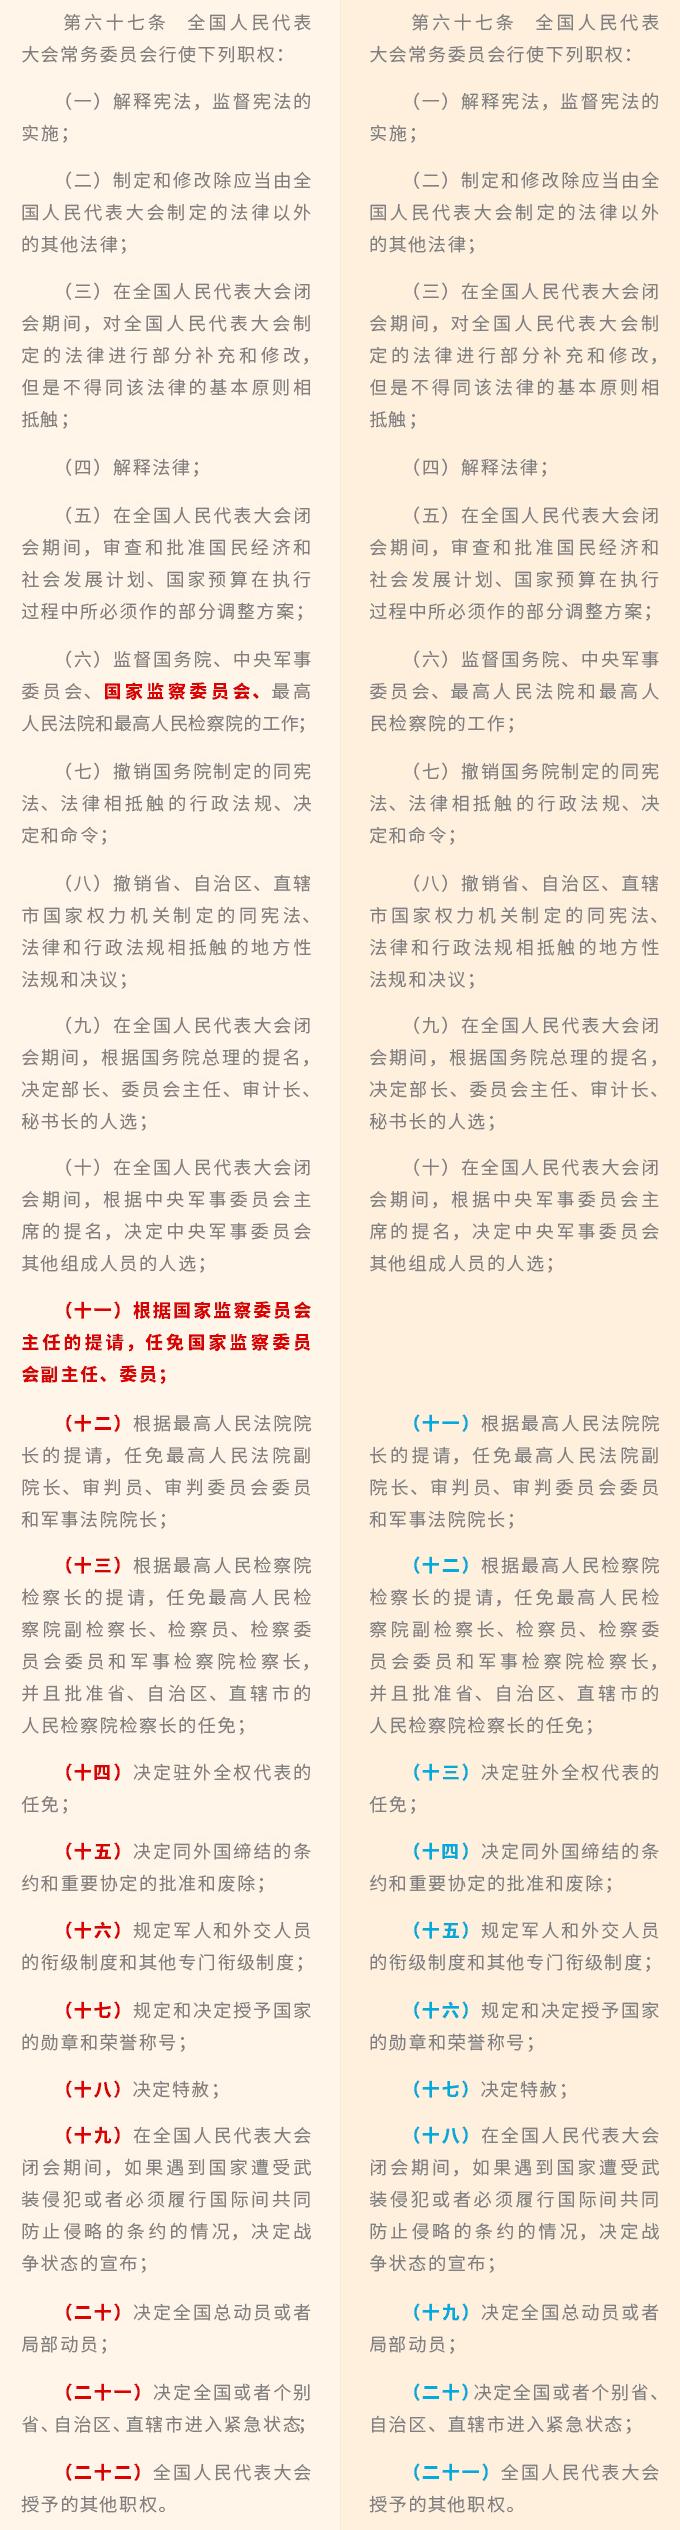 2018宪法修订-12.png